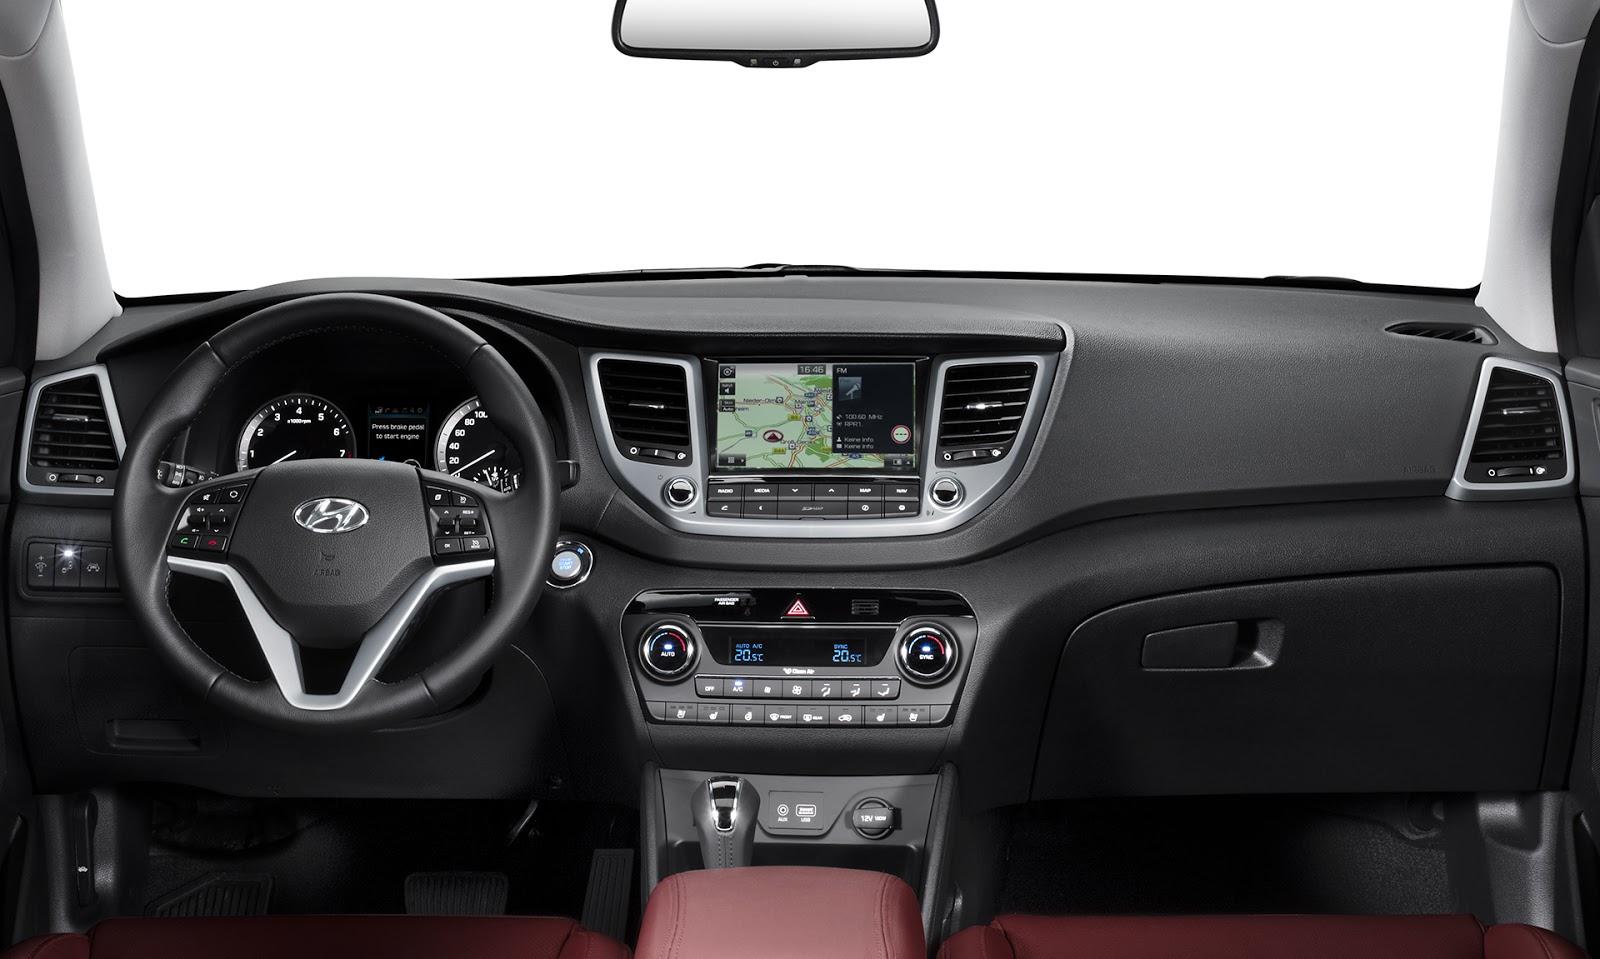 Toyota Santa Cruz >> Interni Hyundai Tucson 2015-2016 - Nuova Hyundai Tucson ...